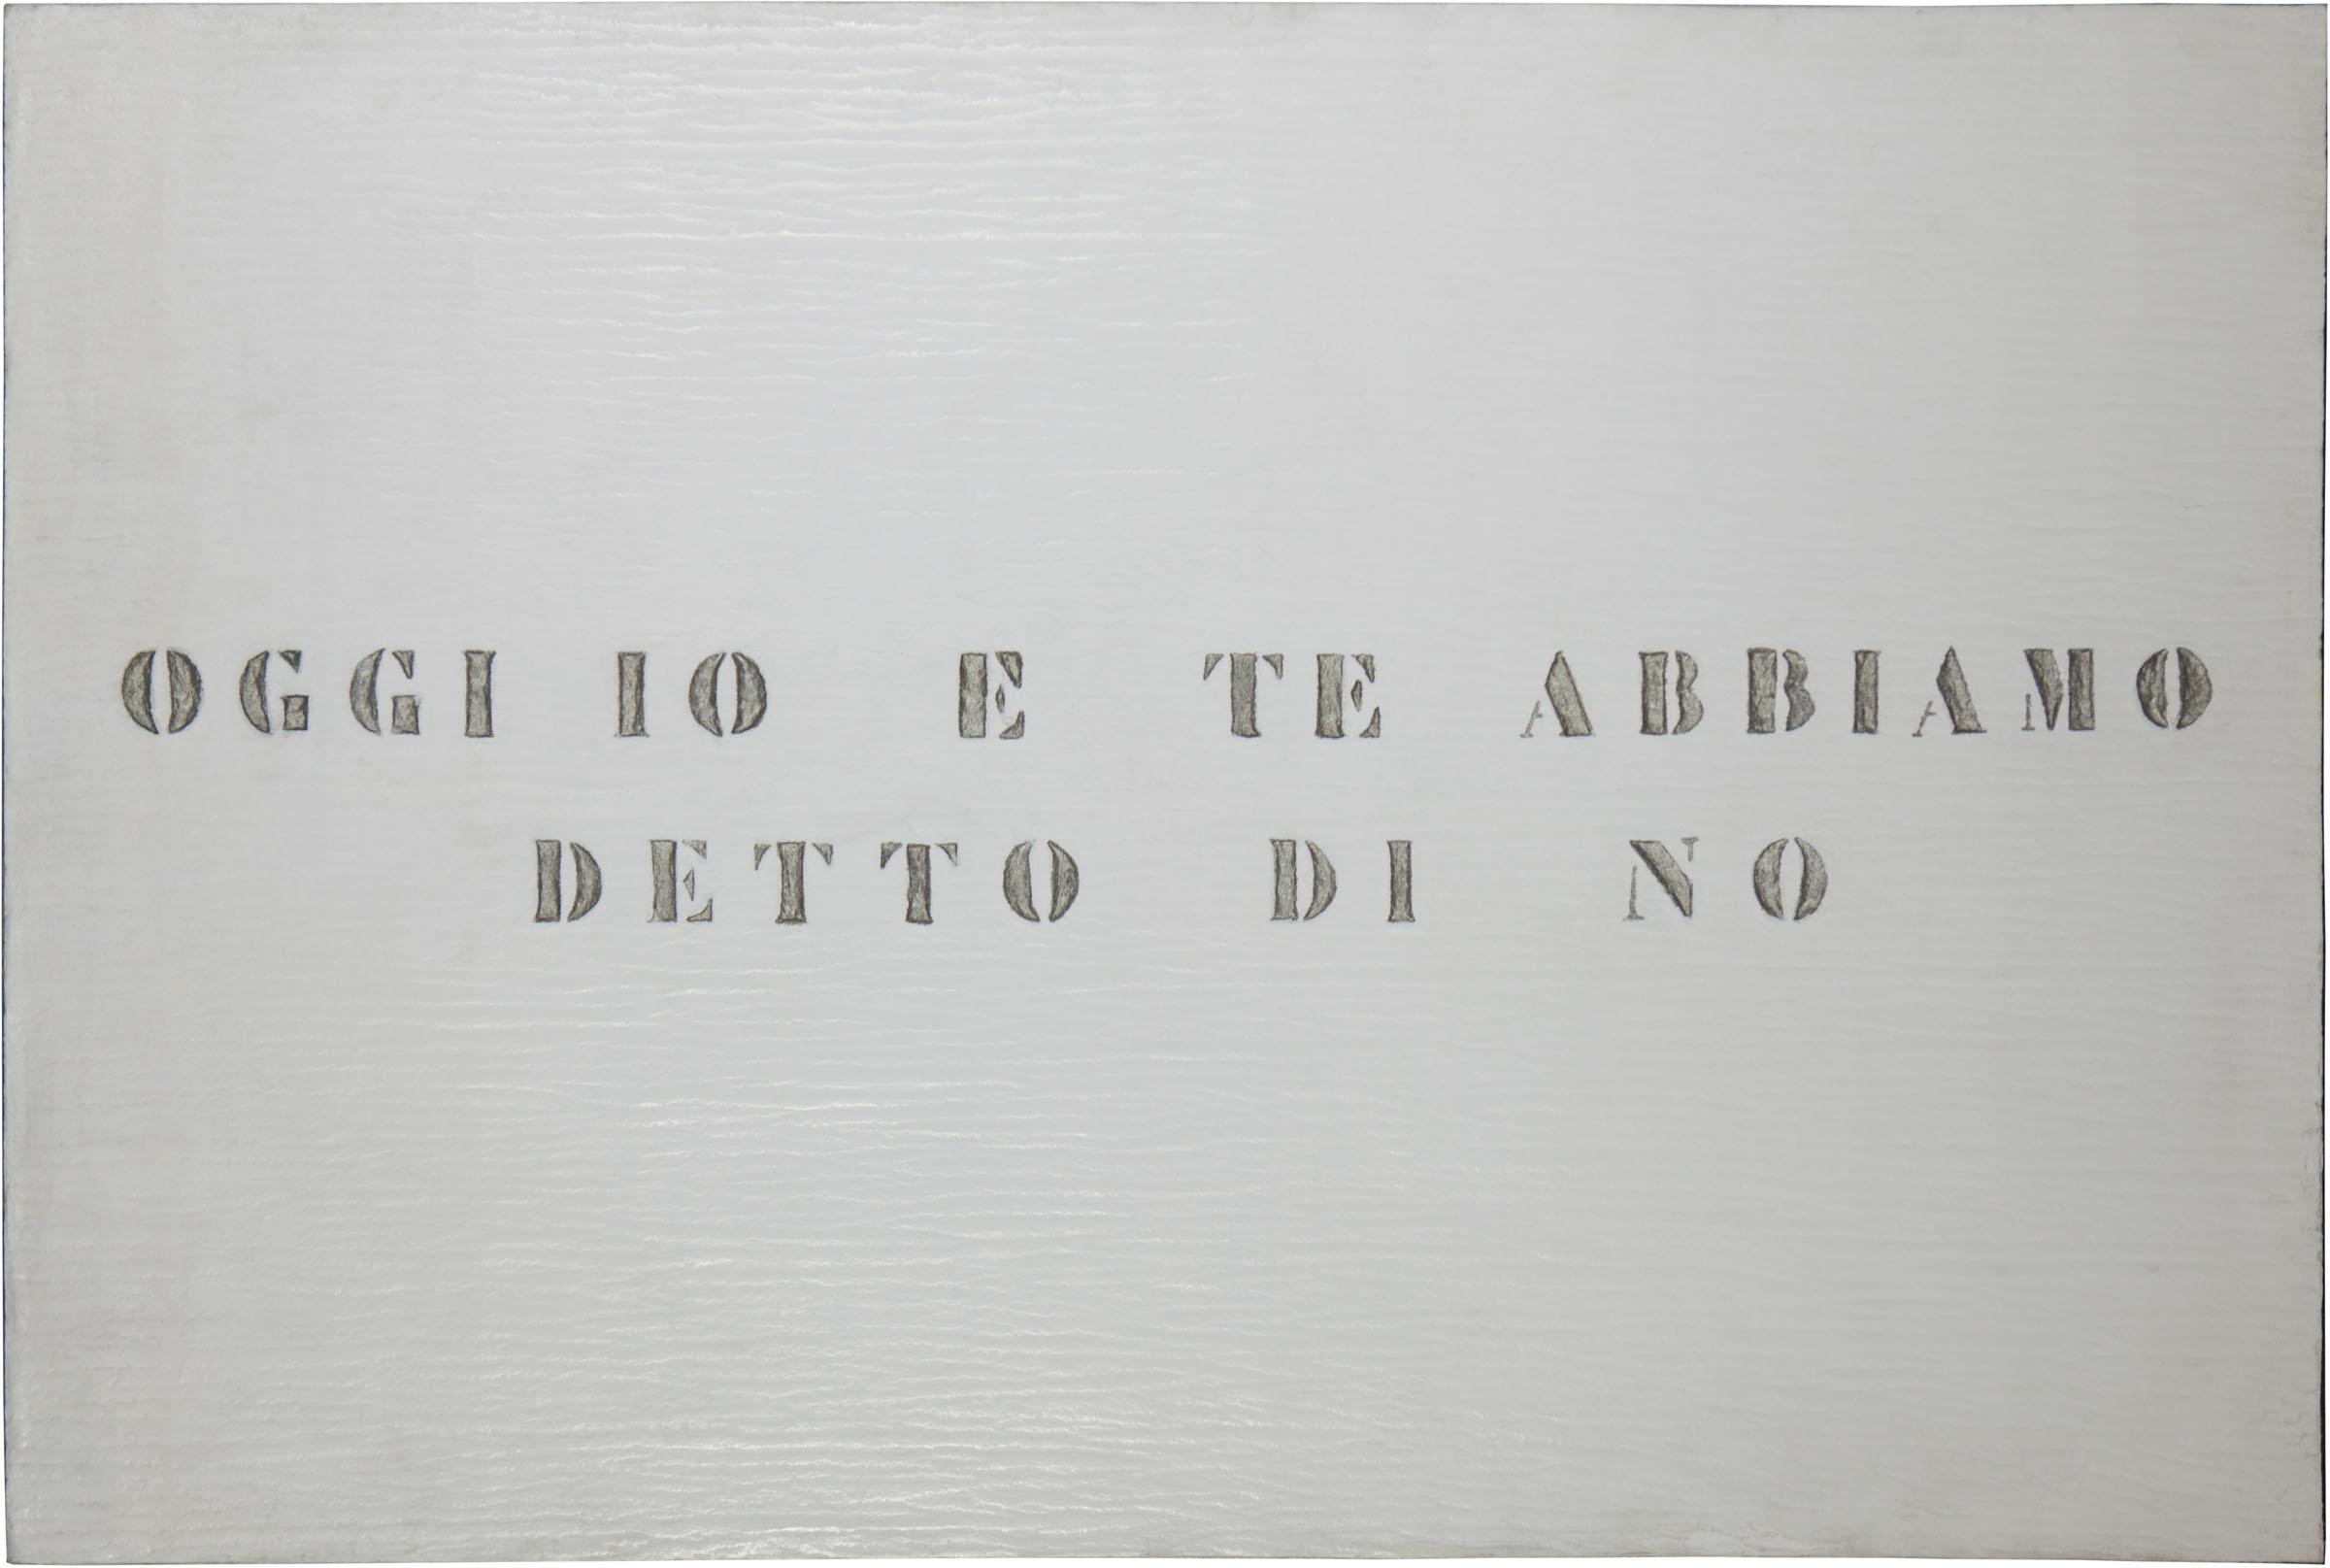 Vincenzo Agnetti, Ritratto, 1971 (80 x 120 cm). Courtesy Archivio Vincenzo Agnetti